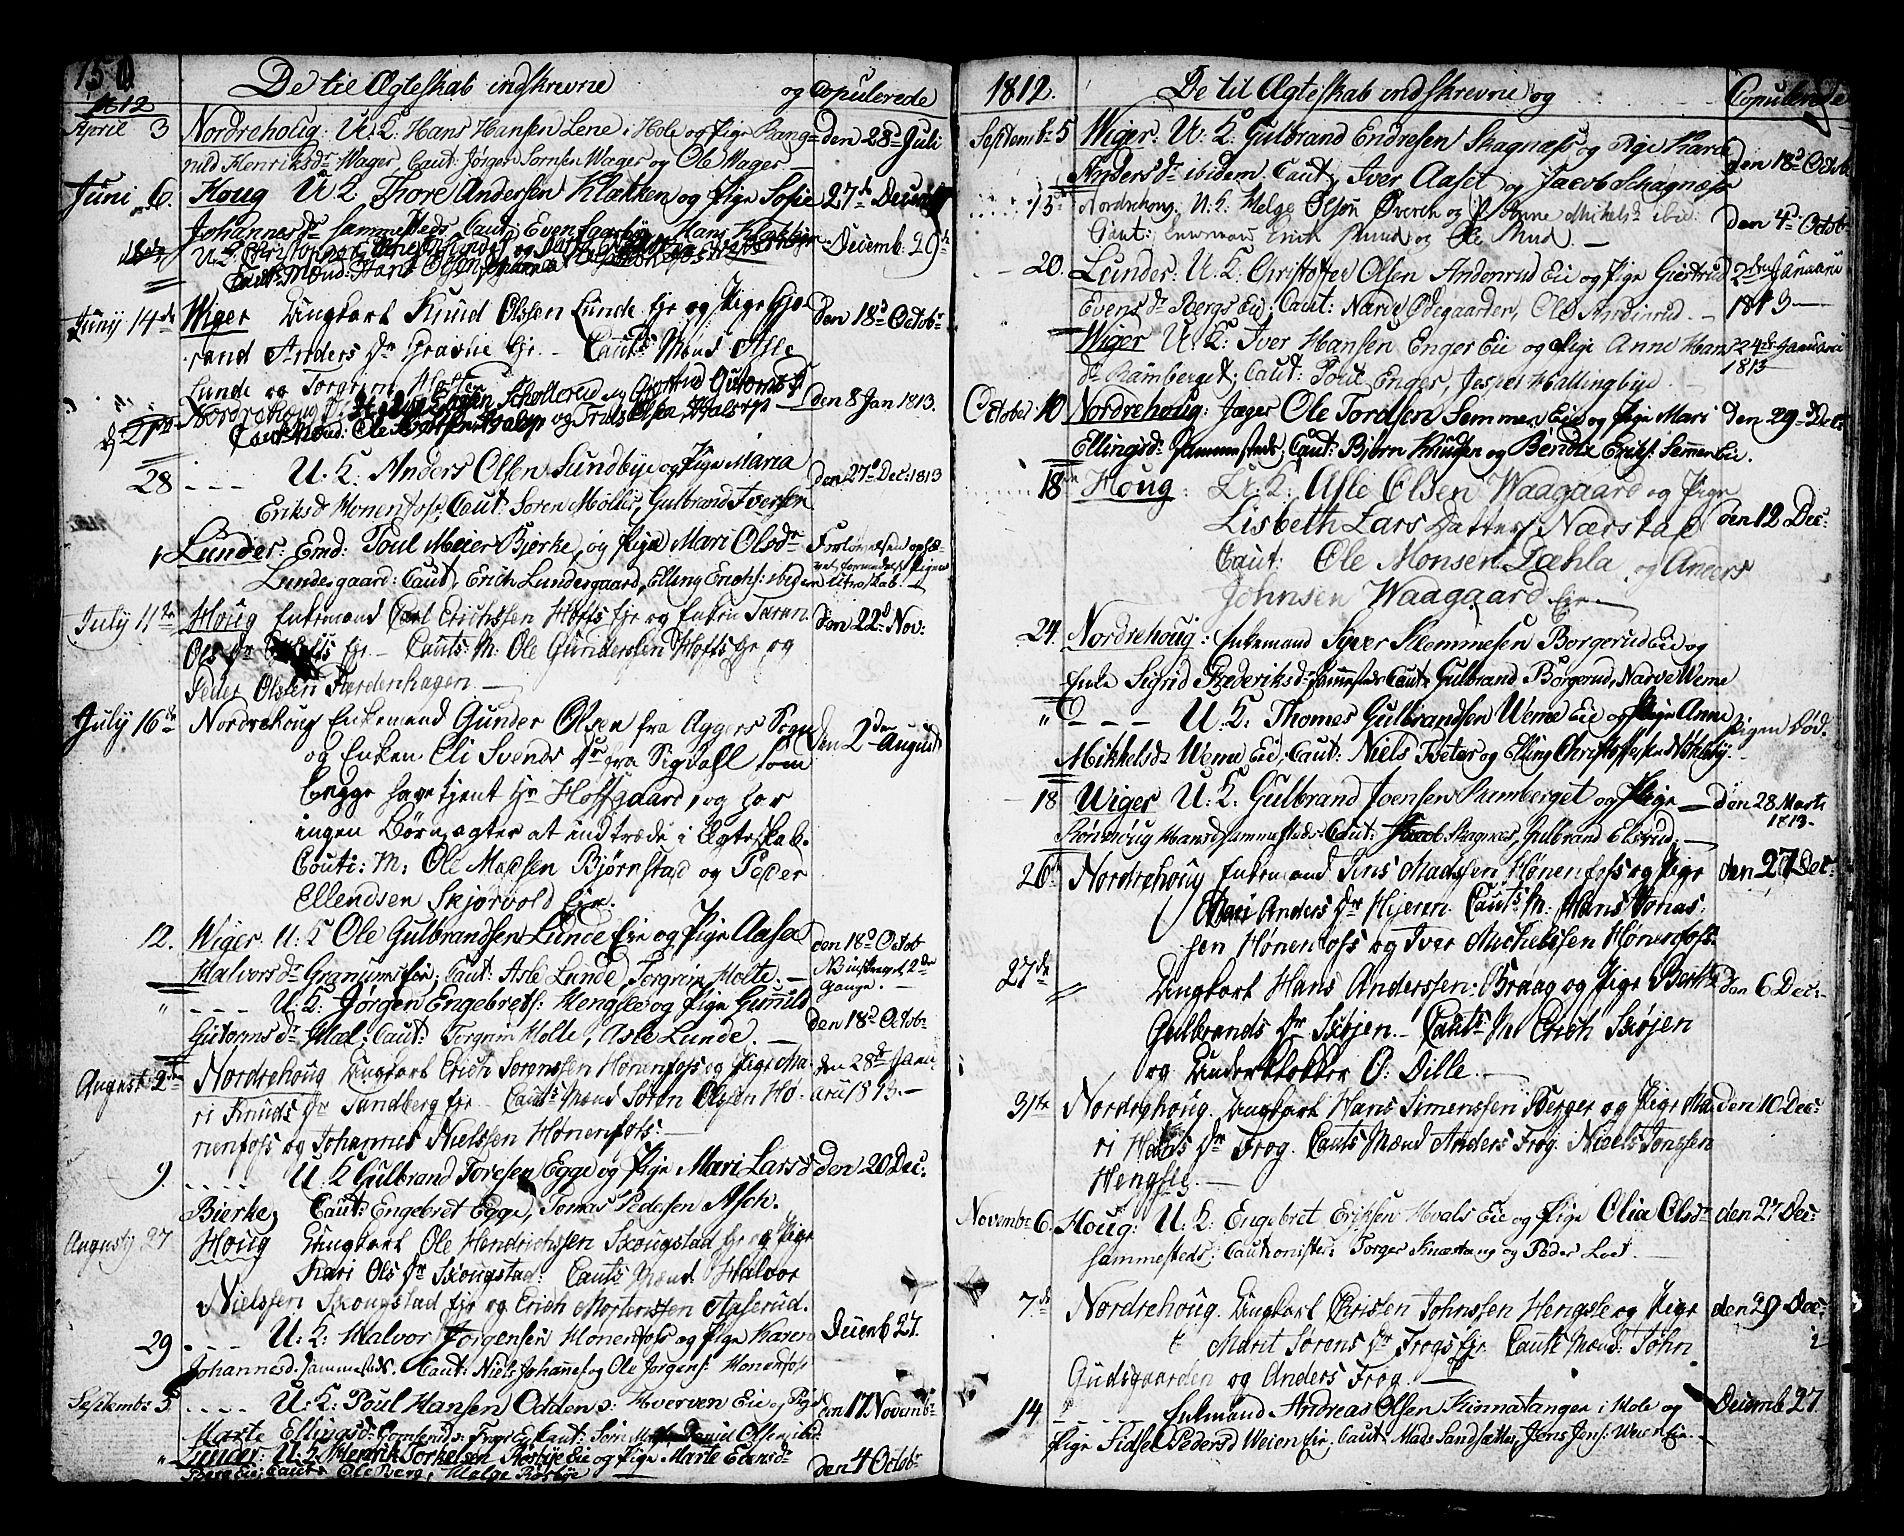 SAKO, Norderhov kirkebøker, F/Fa/L0007: Ministerialbok nr. 7, 1812-1814, s. 150